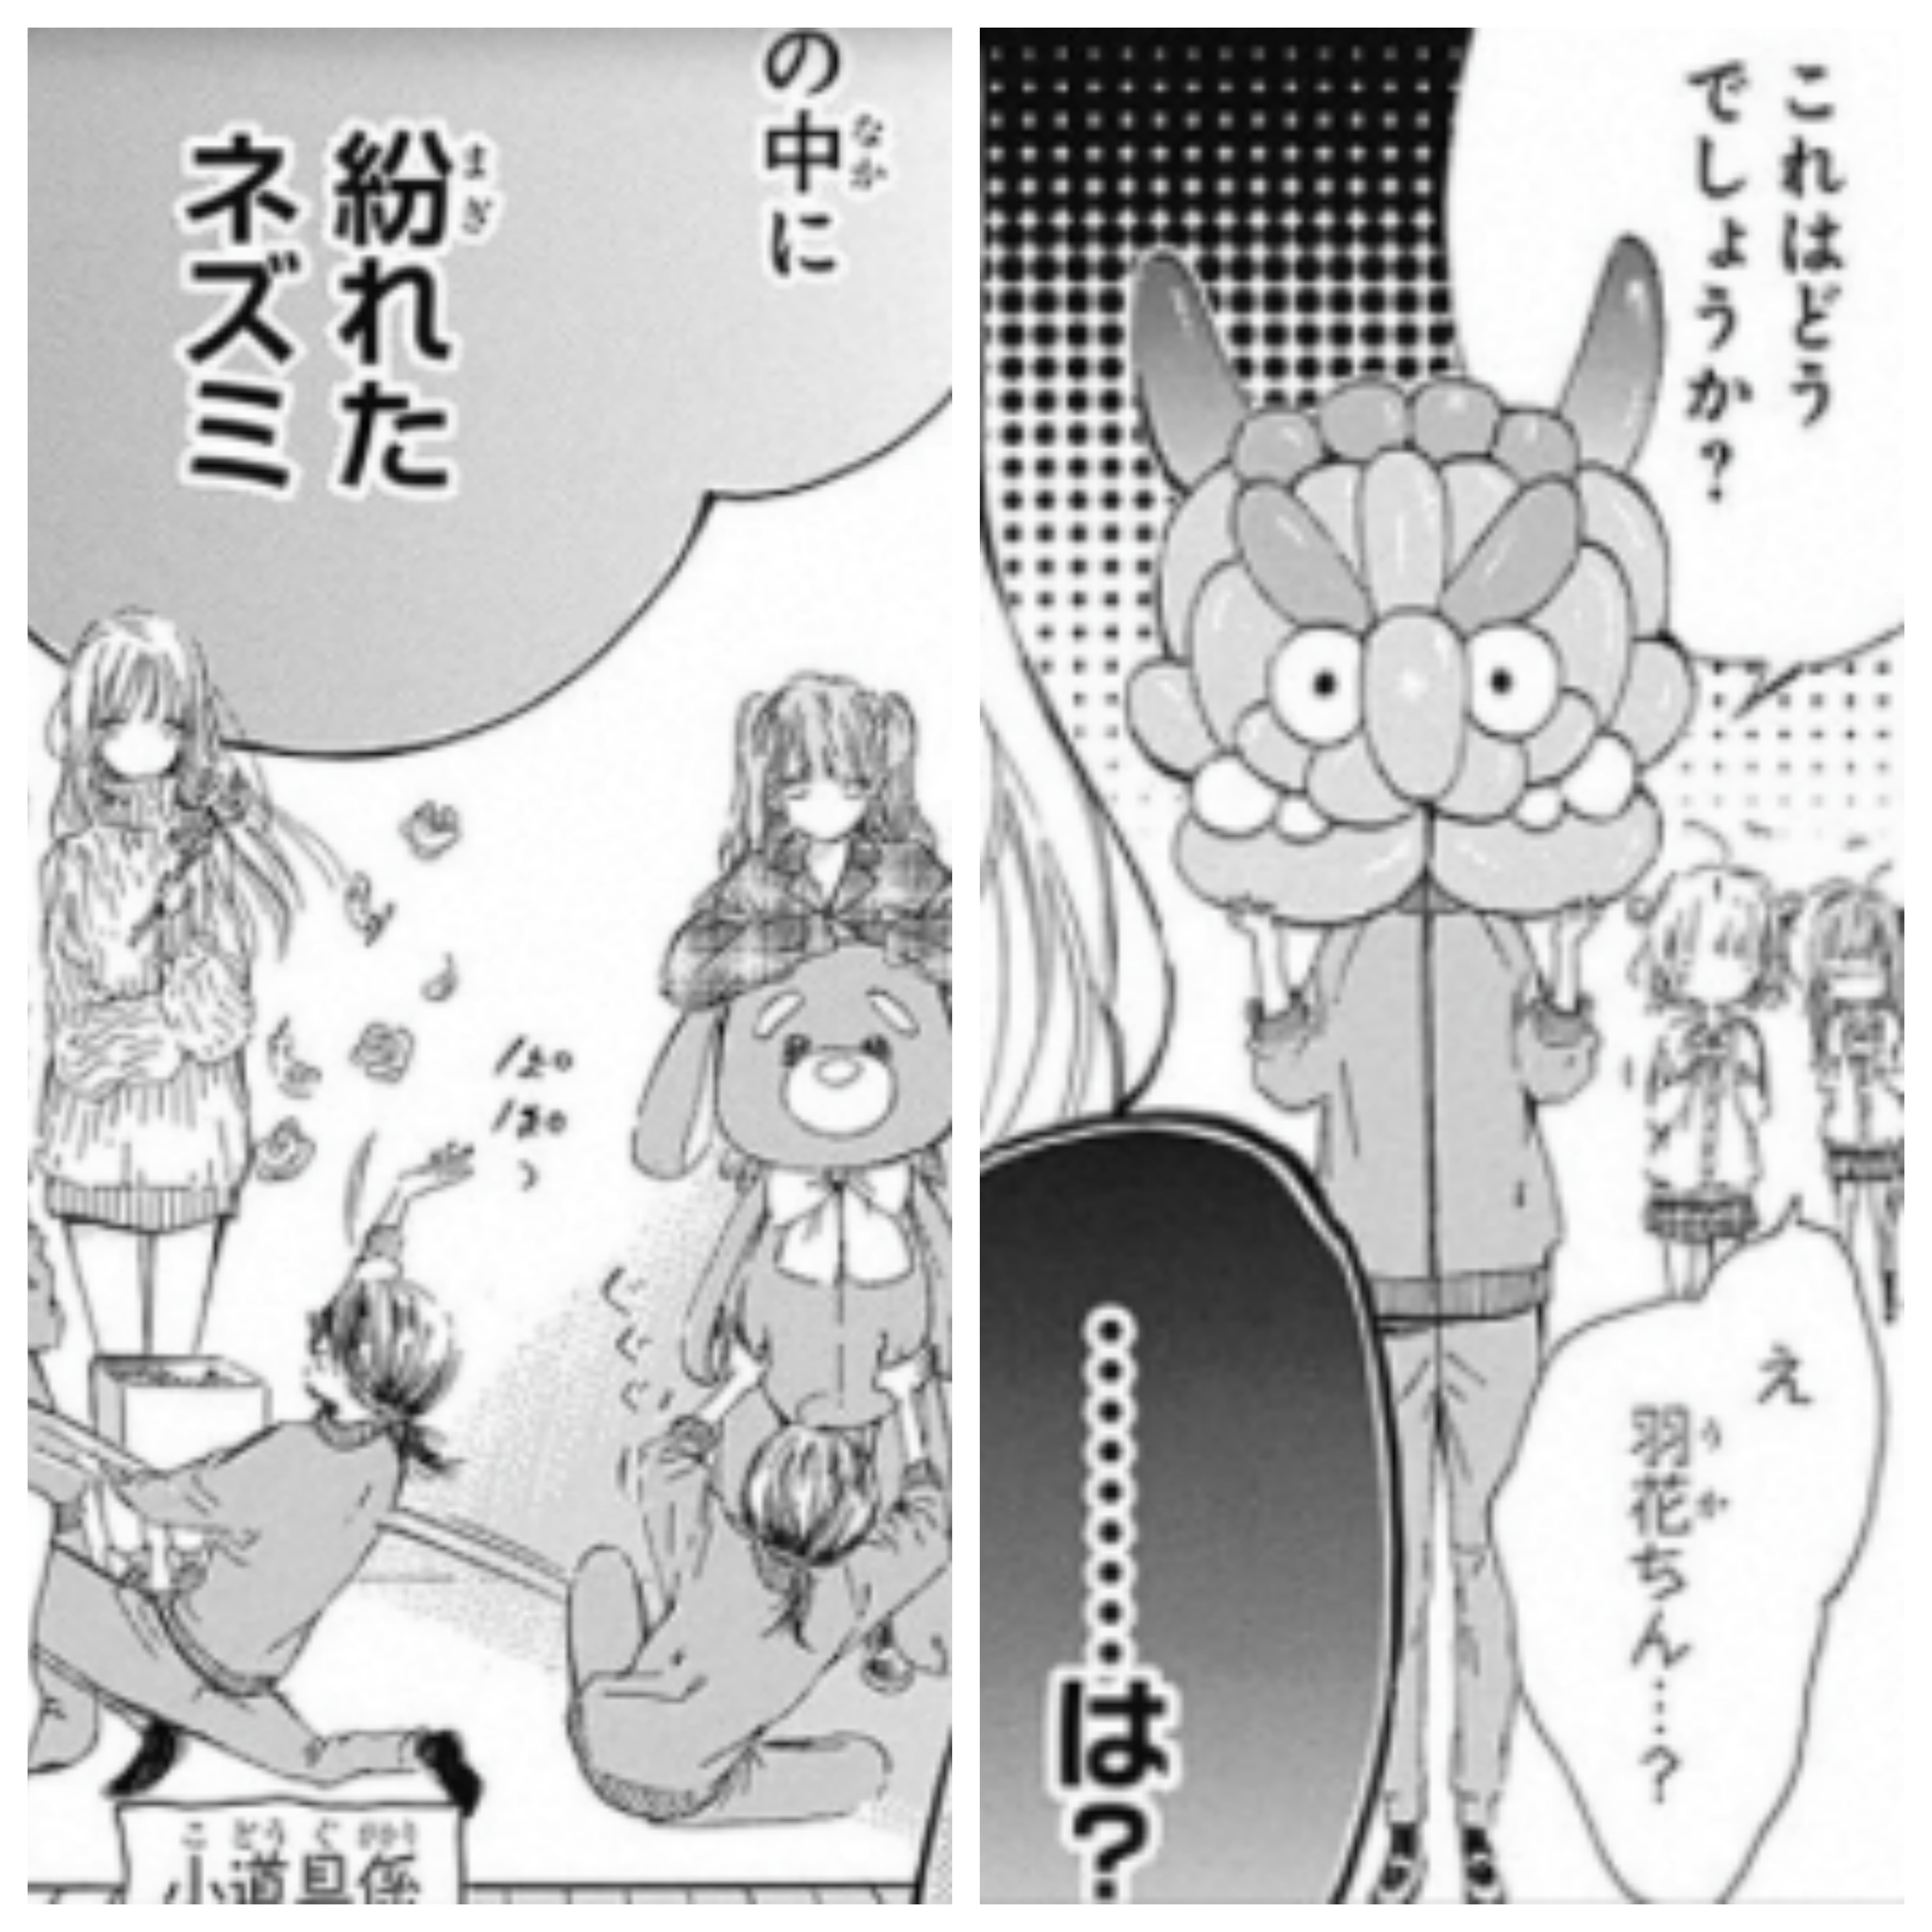 ハニー レモン ソーダ ネタバレ 49